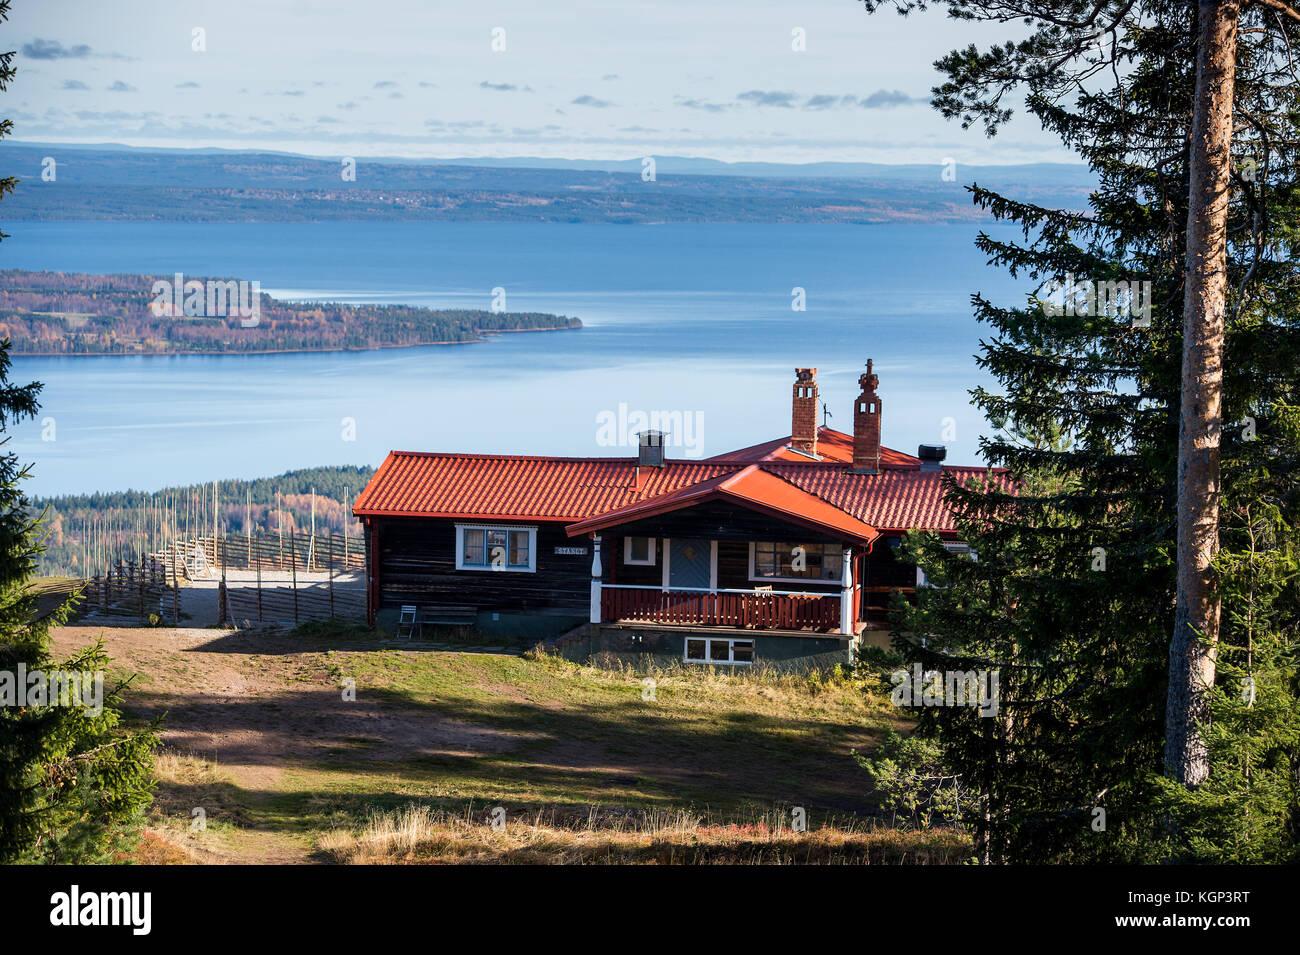 View from the top of Gesunda ski resort and lake Siljan - Stock Image